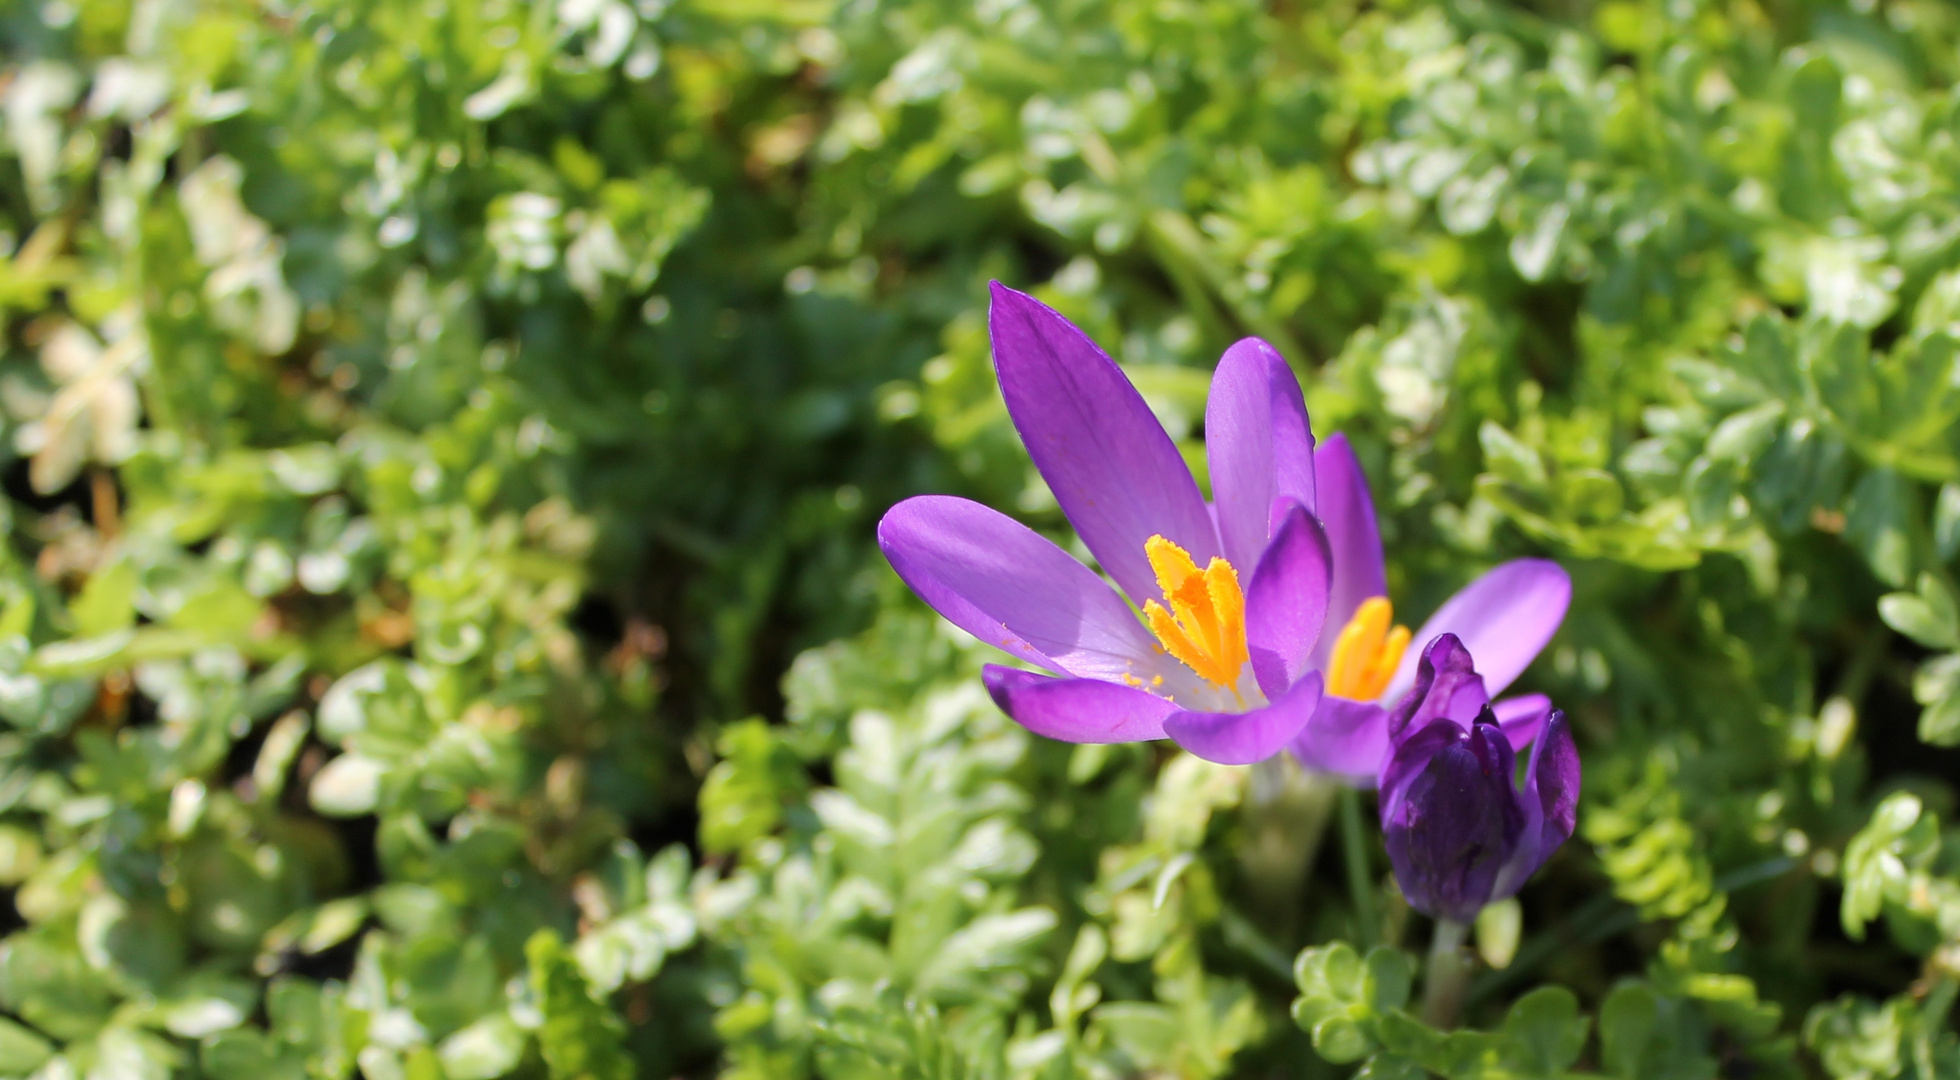 Endlich kommt der Frühling